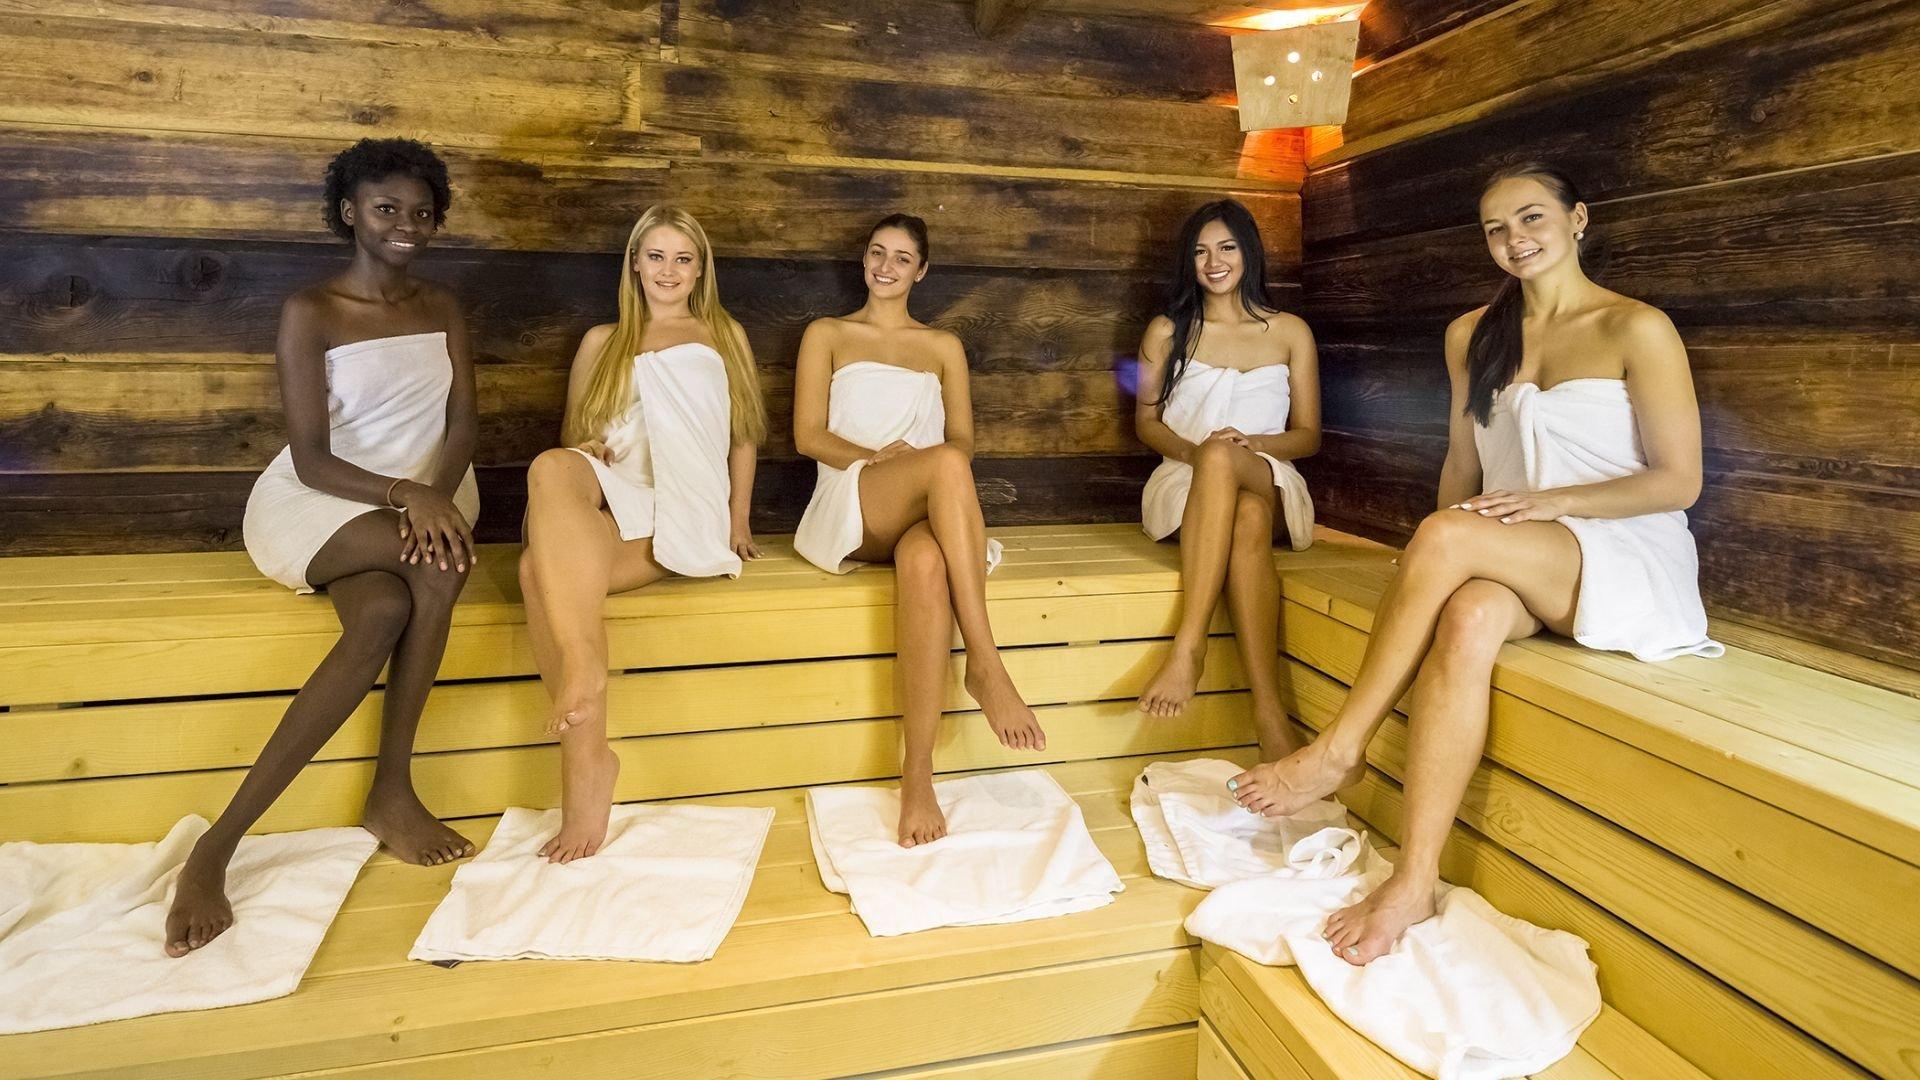 foto-telki-massazhistki-v-saune